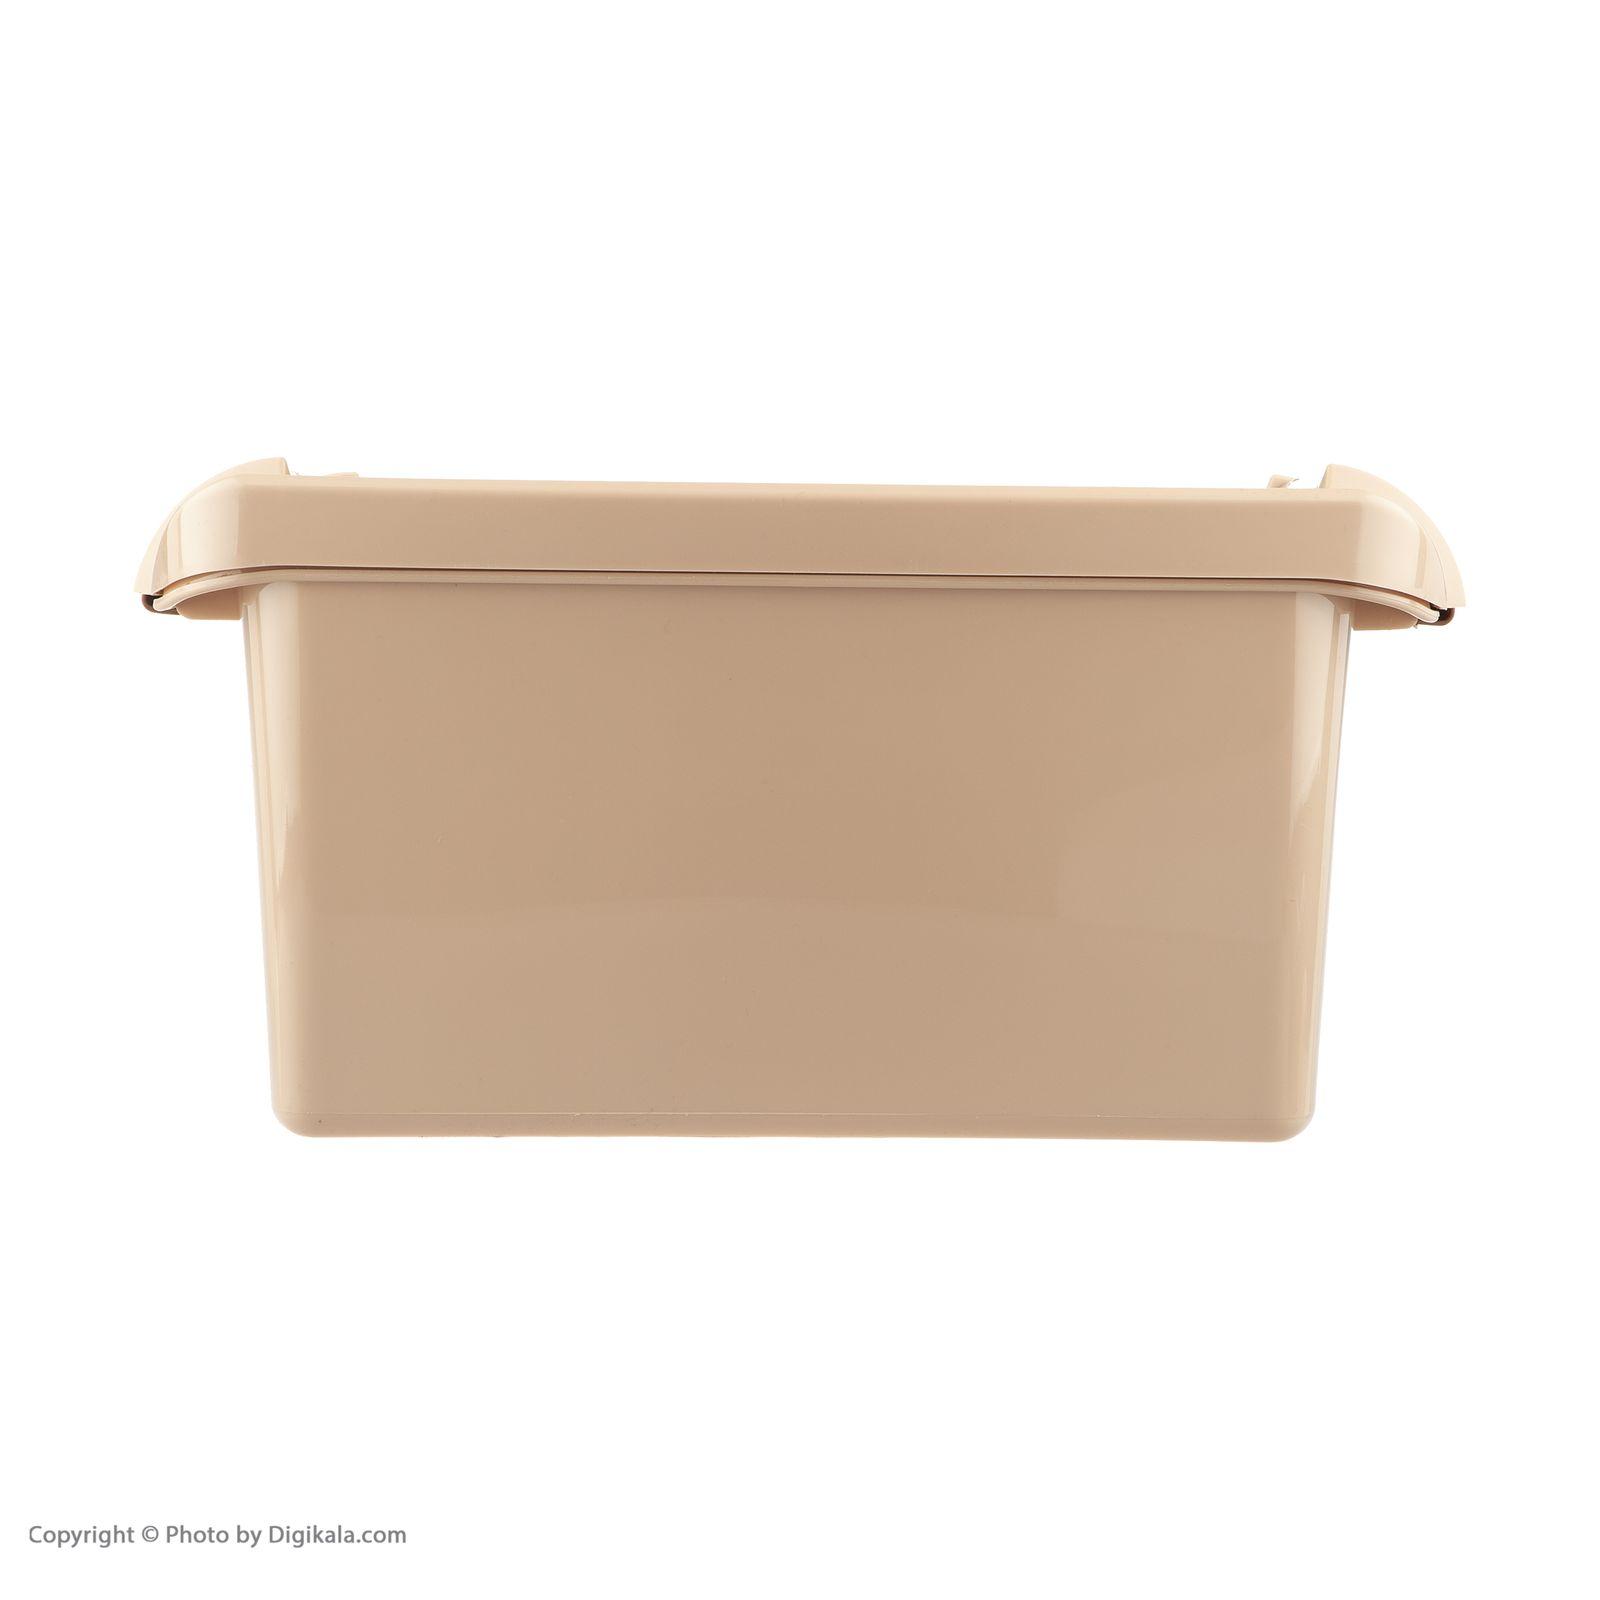 ظرف نان هوم کت مدل Lock03 main 1 4